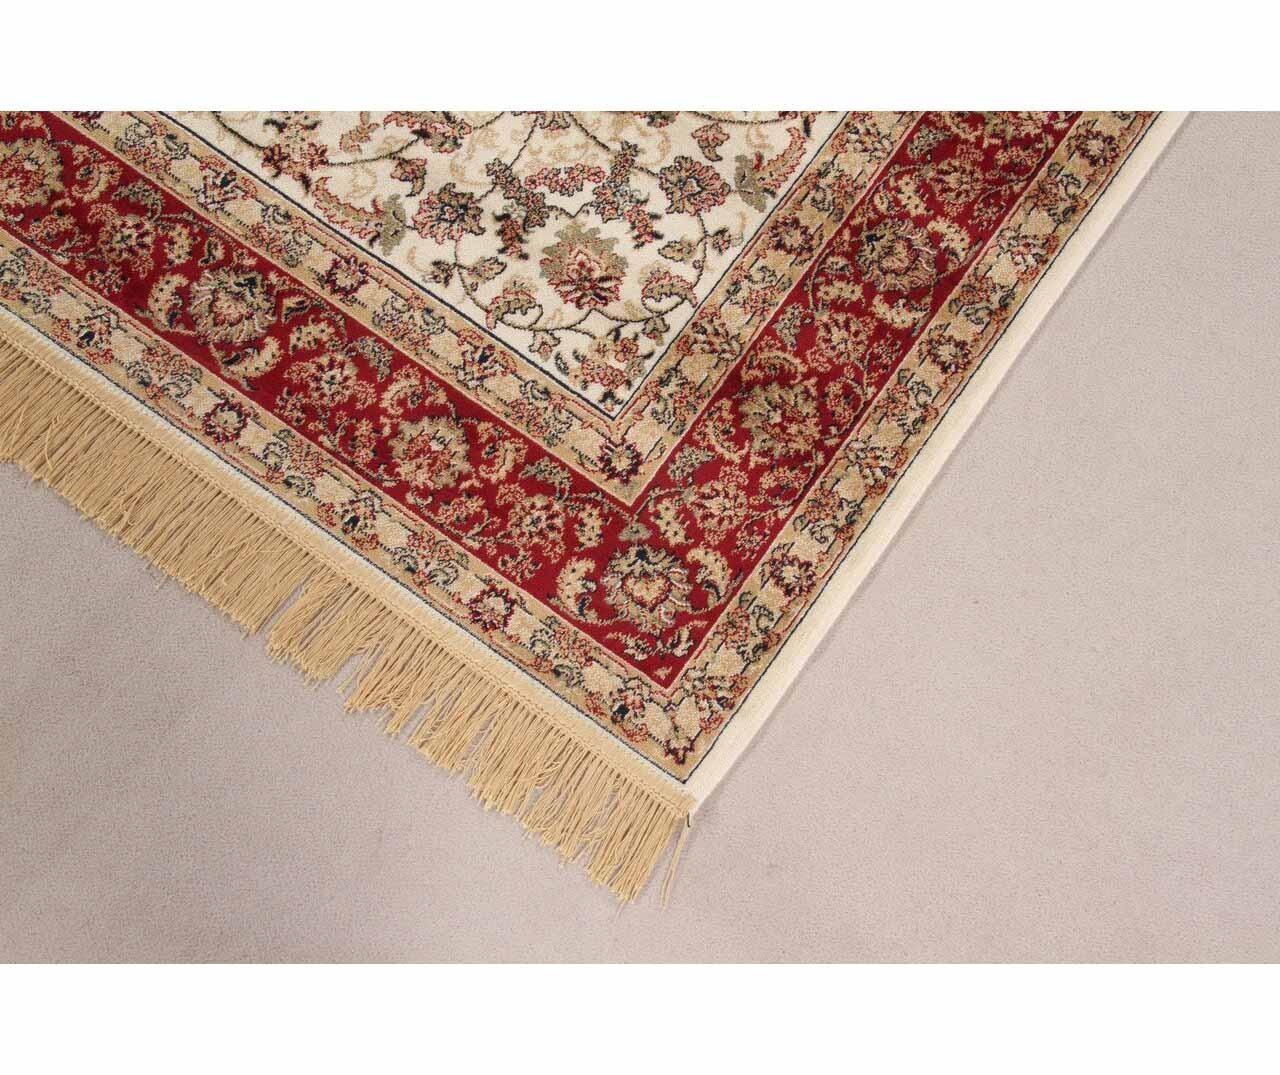 Tepih Farshian Hereke Ivory 160x230 cm